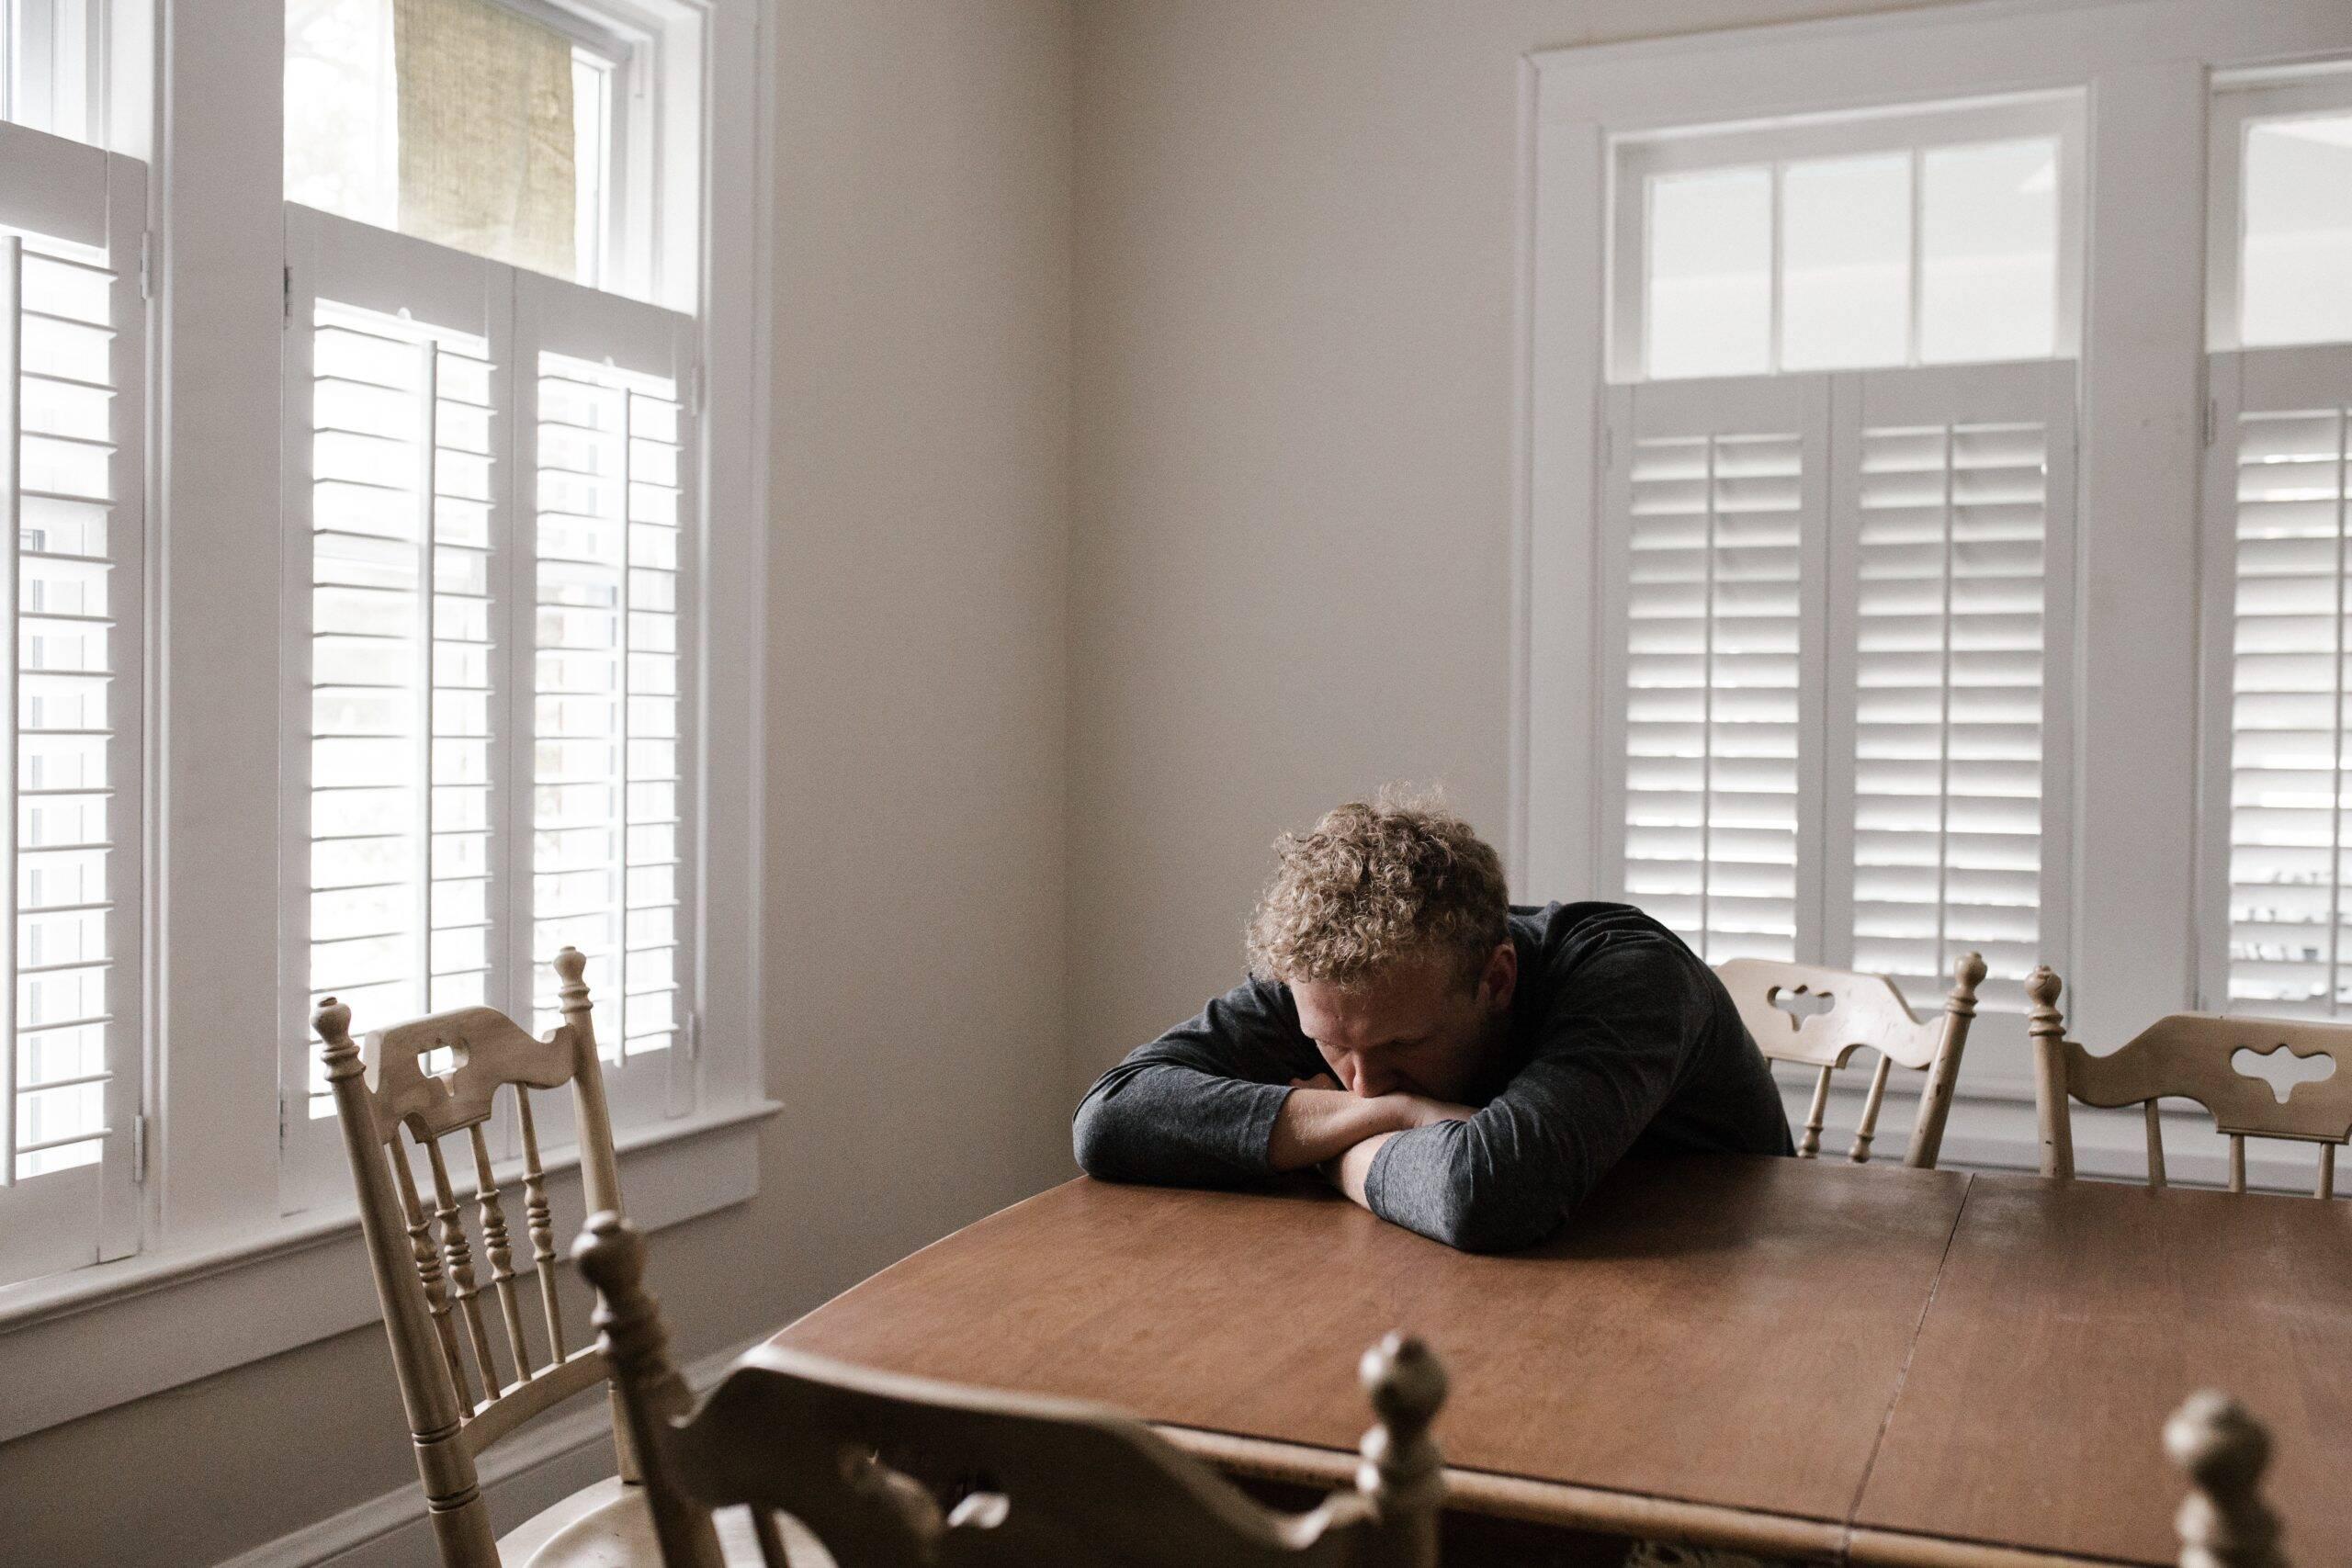 Os sinais de depressão podem vir de diversas maneiras, começando até mesmo por uma simples tristeza. (Foto: Pexels)